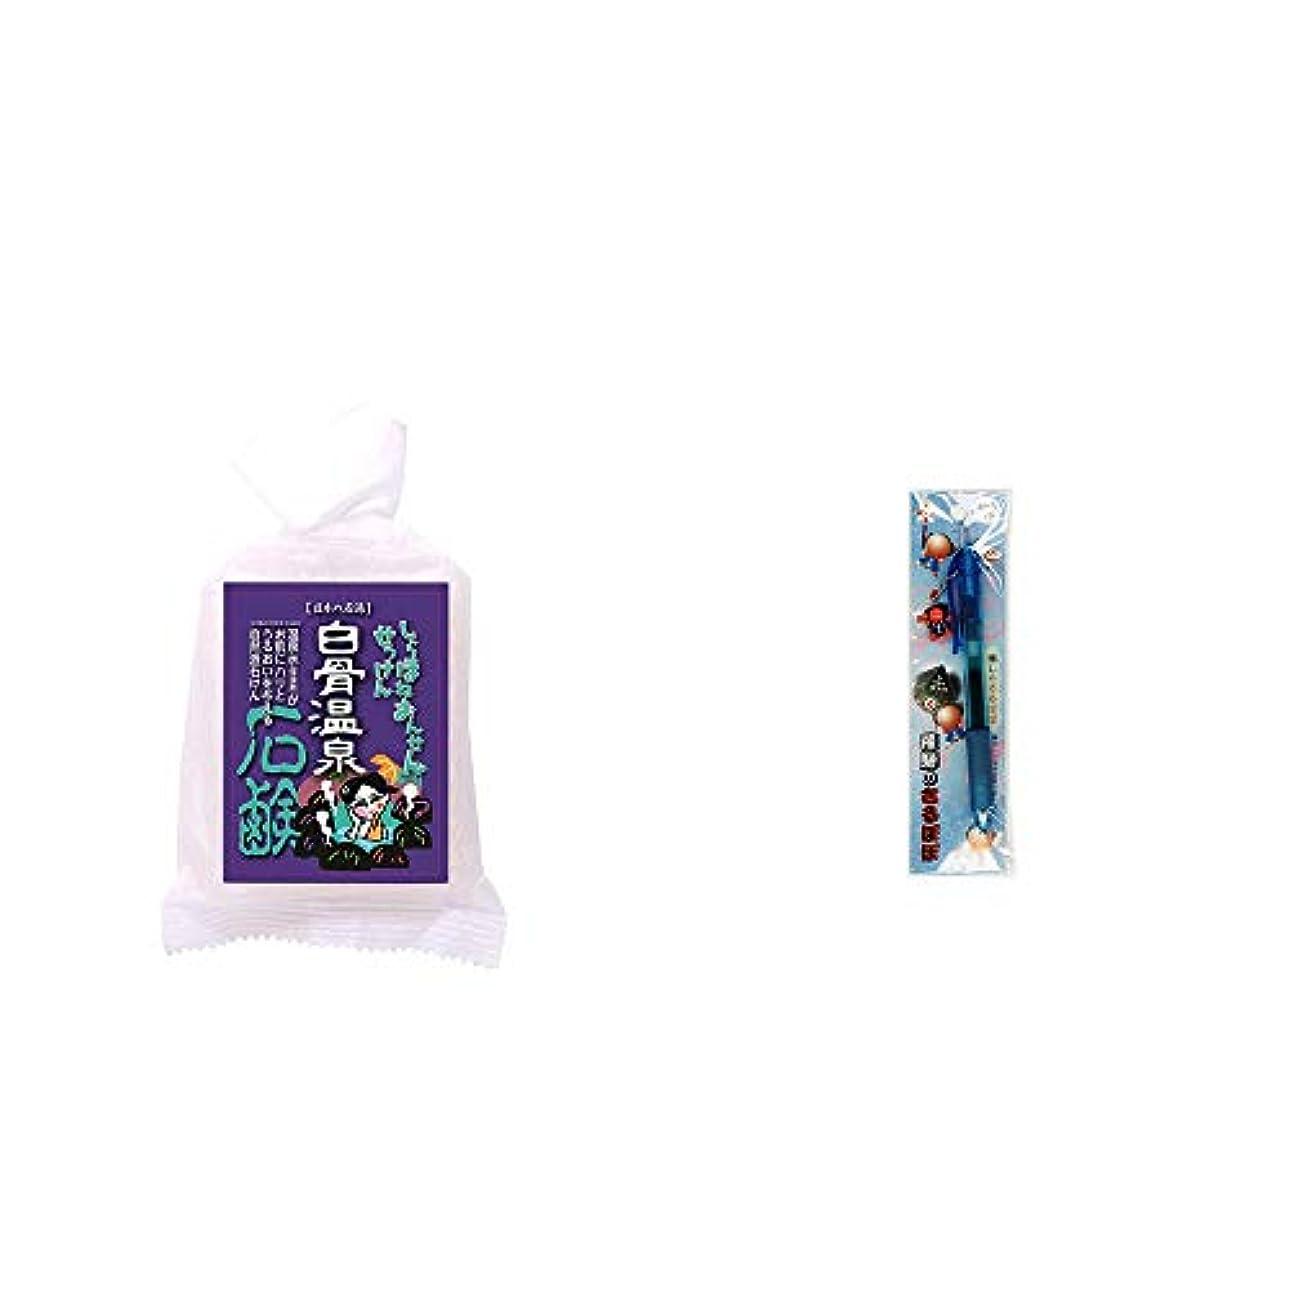 免除老人する[2点セット] 信州 白骨温泉石鹸(80g)?さるぼぼ 癒しボールペン 【ブルー】